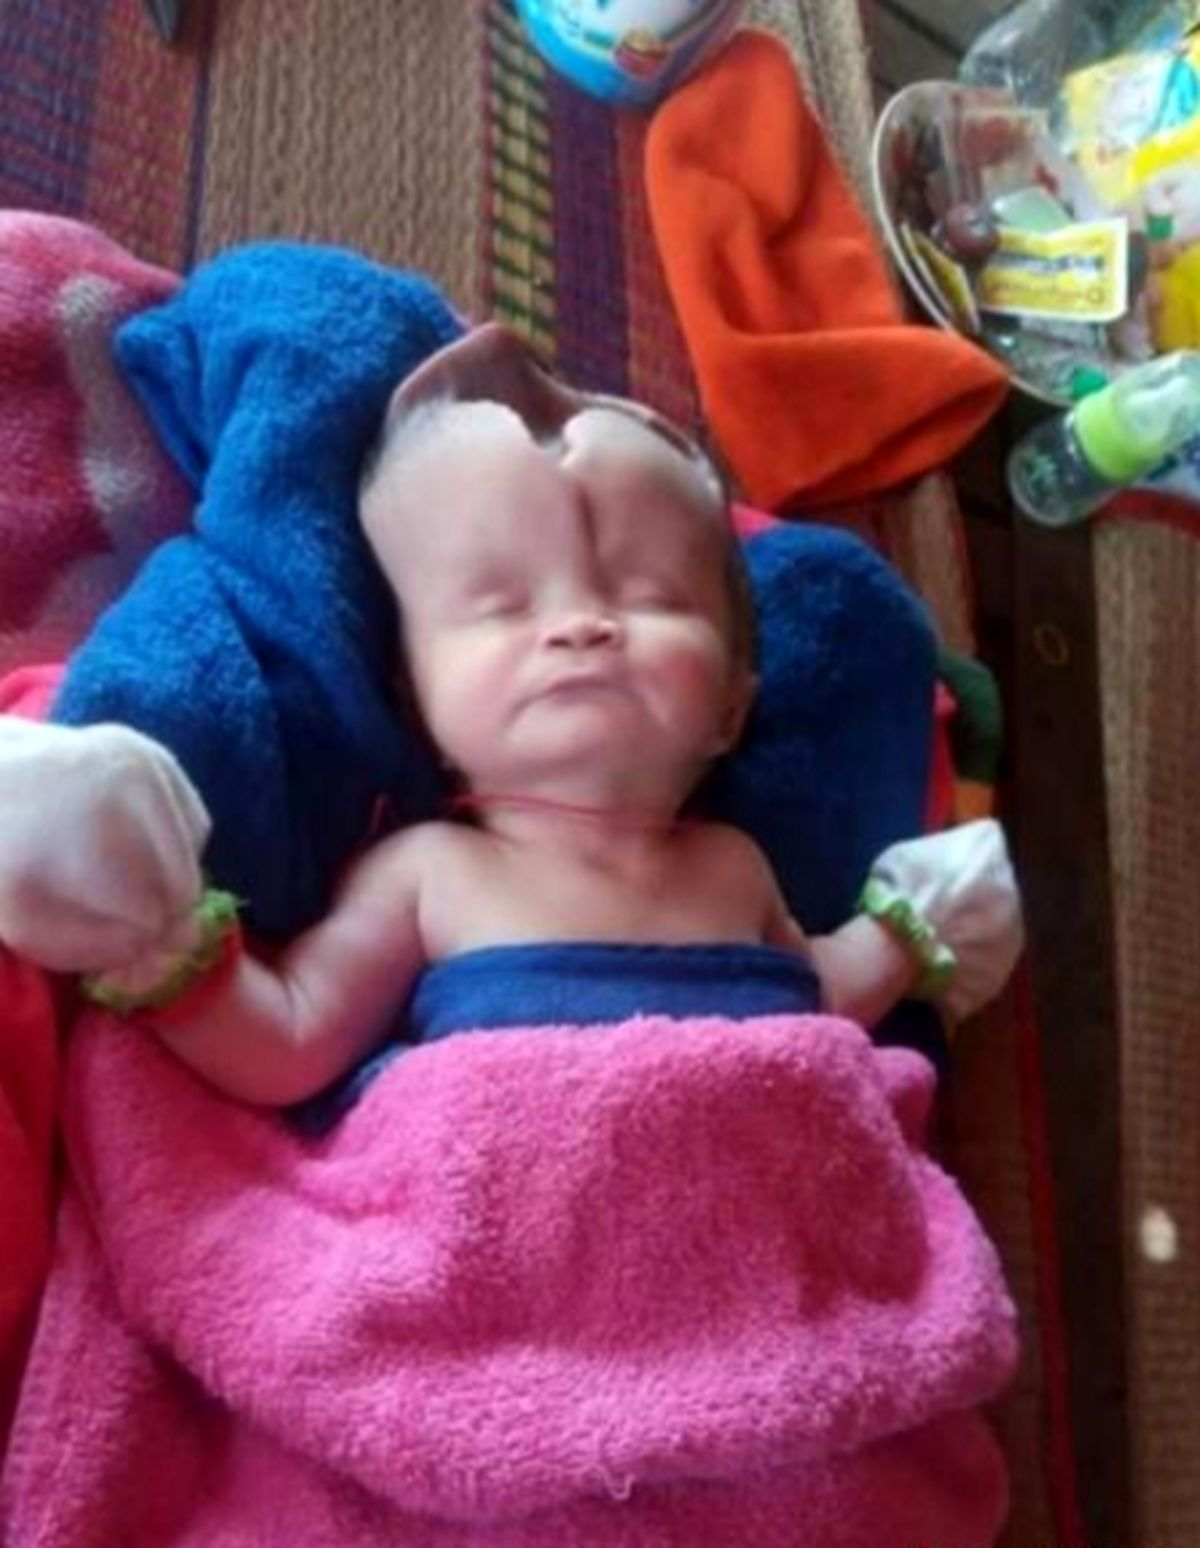 تولد نوزادی عجیب با شکافی ترسناک روی جمجمهاش!+  عکس